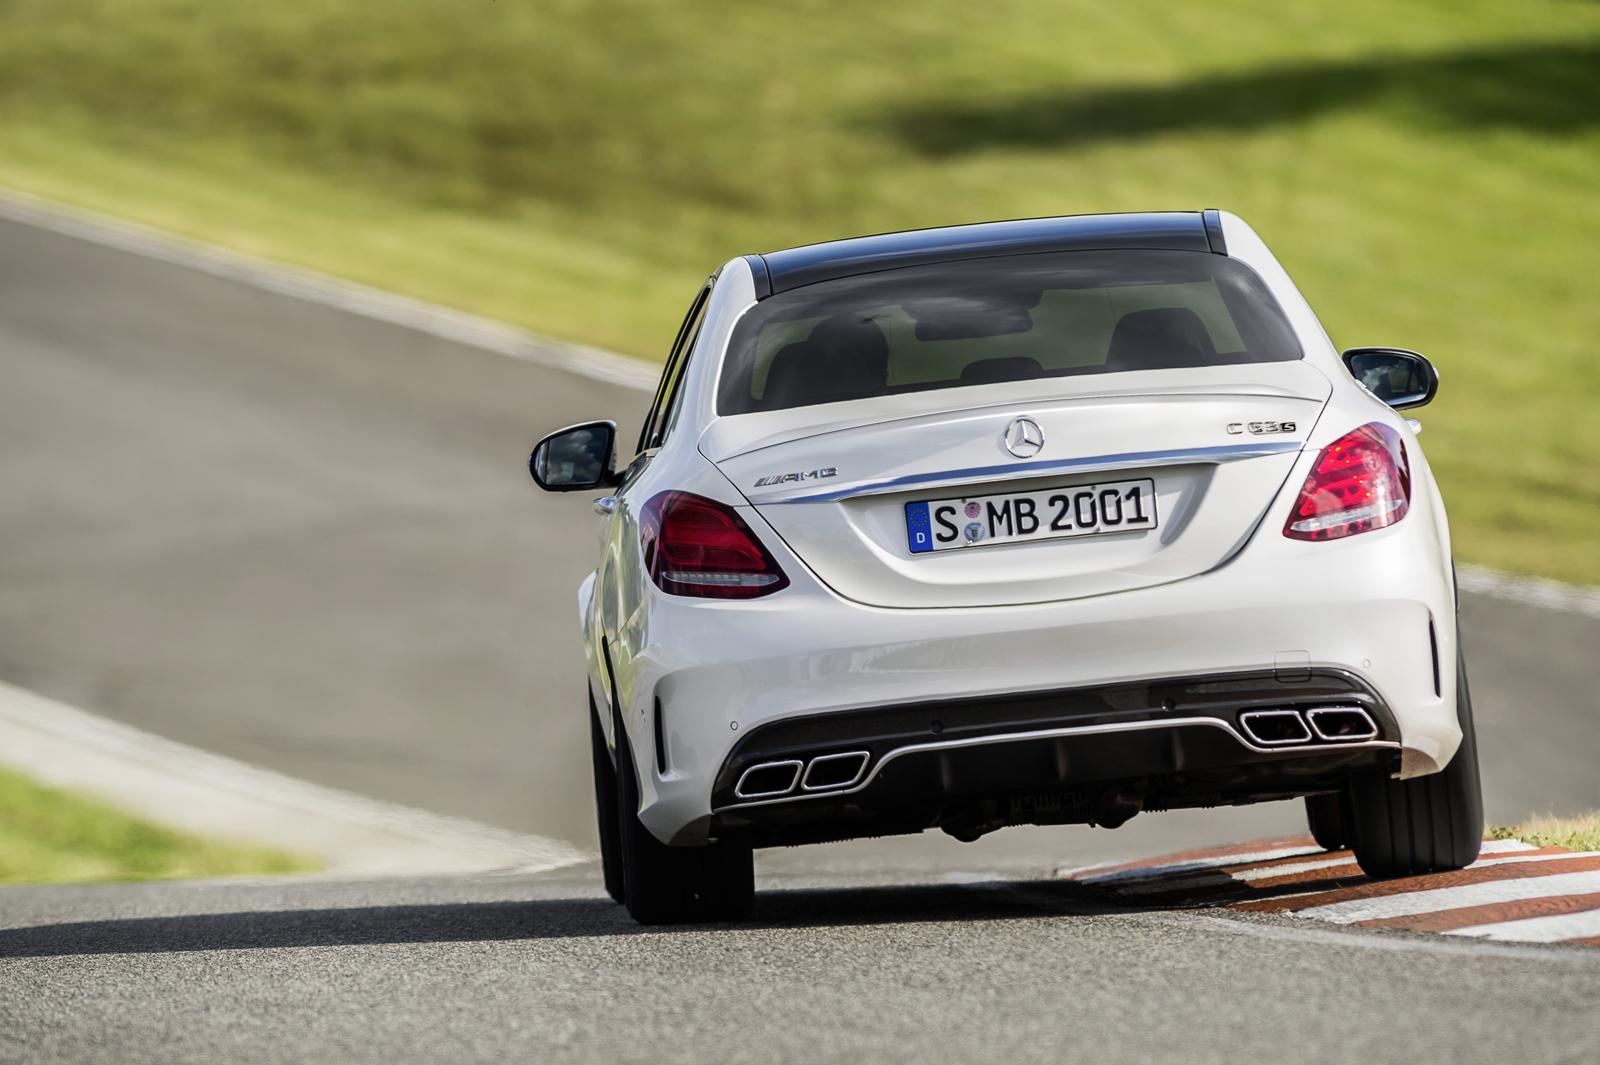 Mercedes-AMG C63 & C63 S